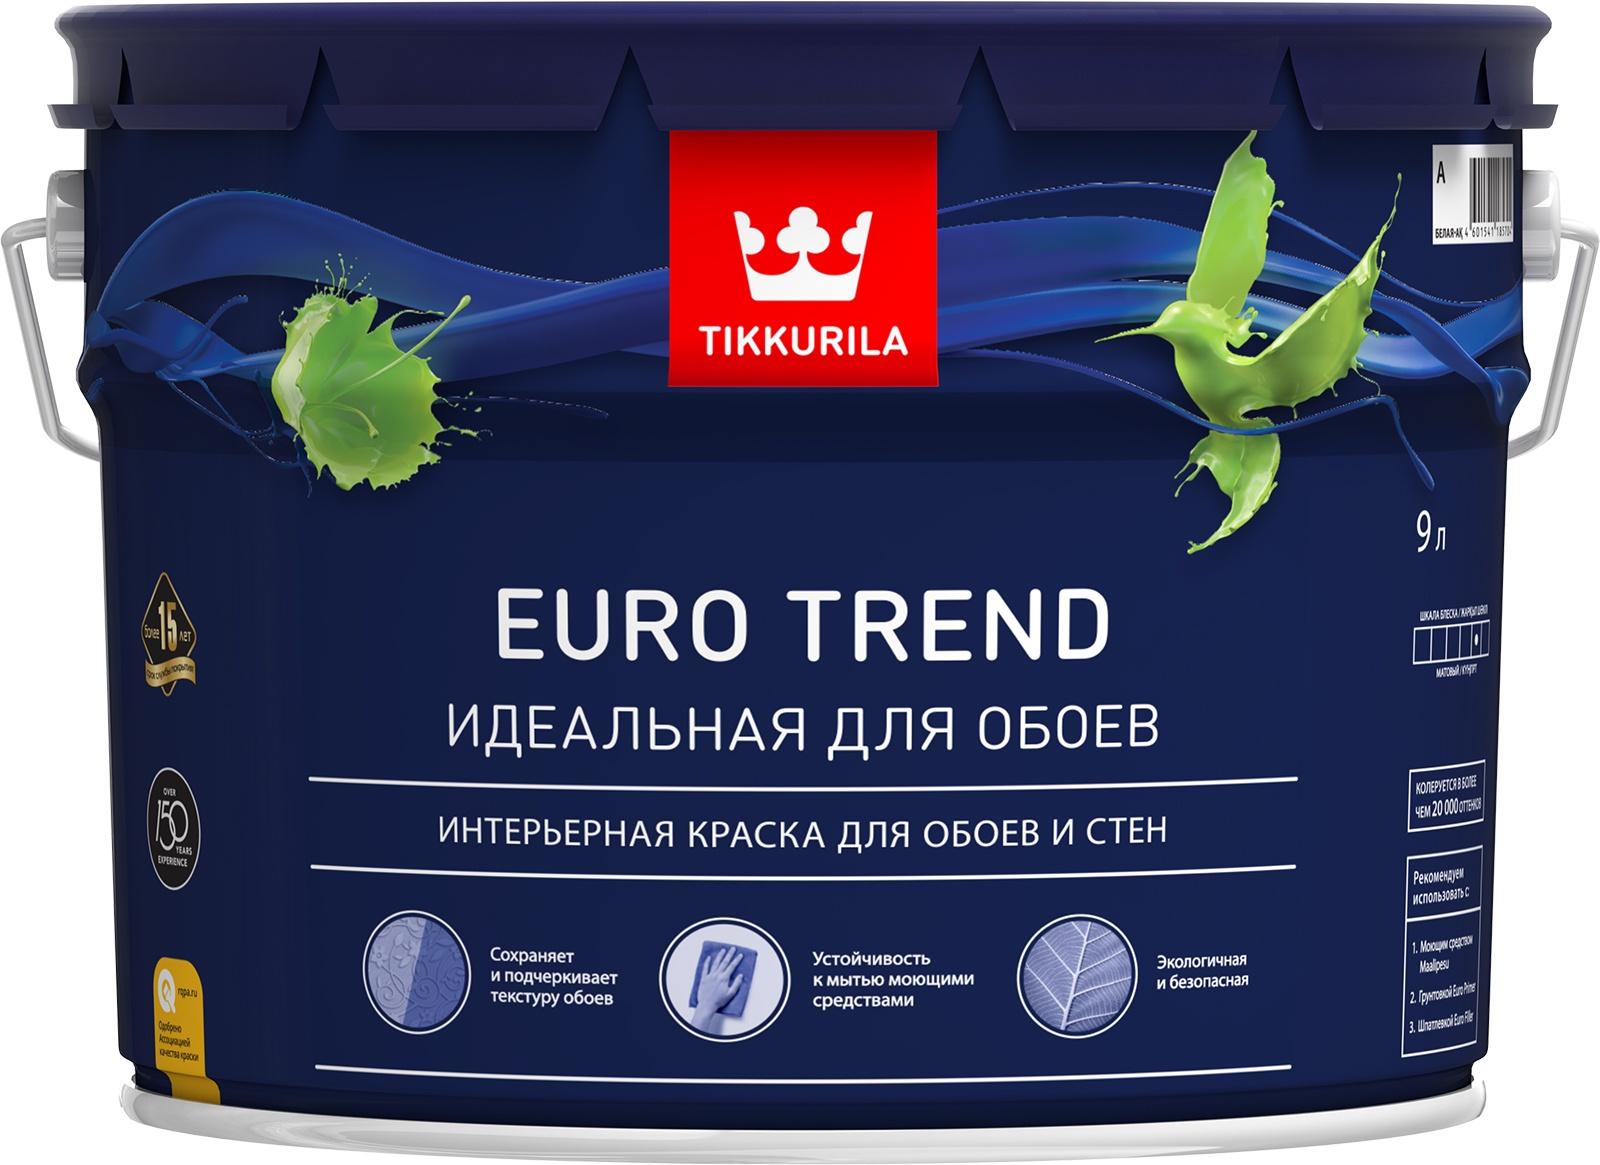 Краска Tikkurila EURO TREND A мат 9л, белый краска в д euro trend a мат д обоев и стен мат 2 7л арт 700009617